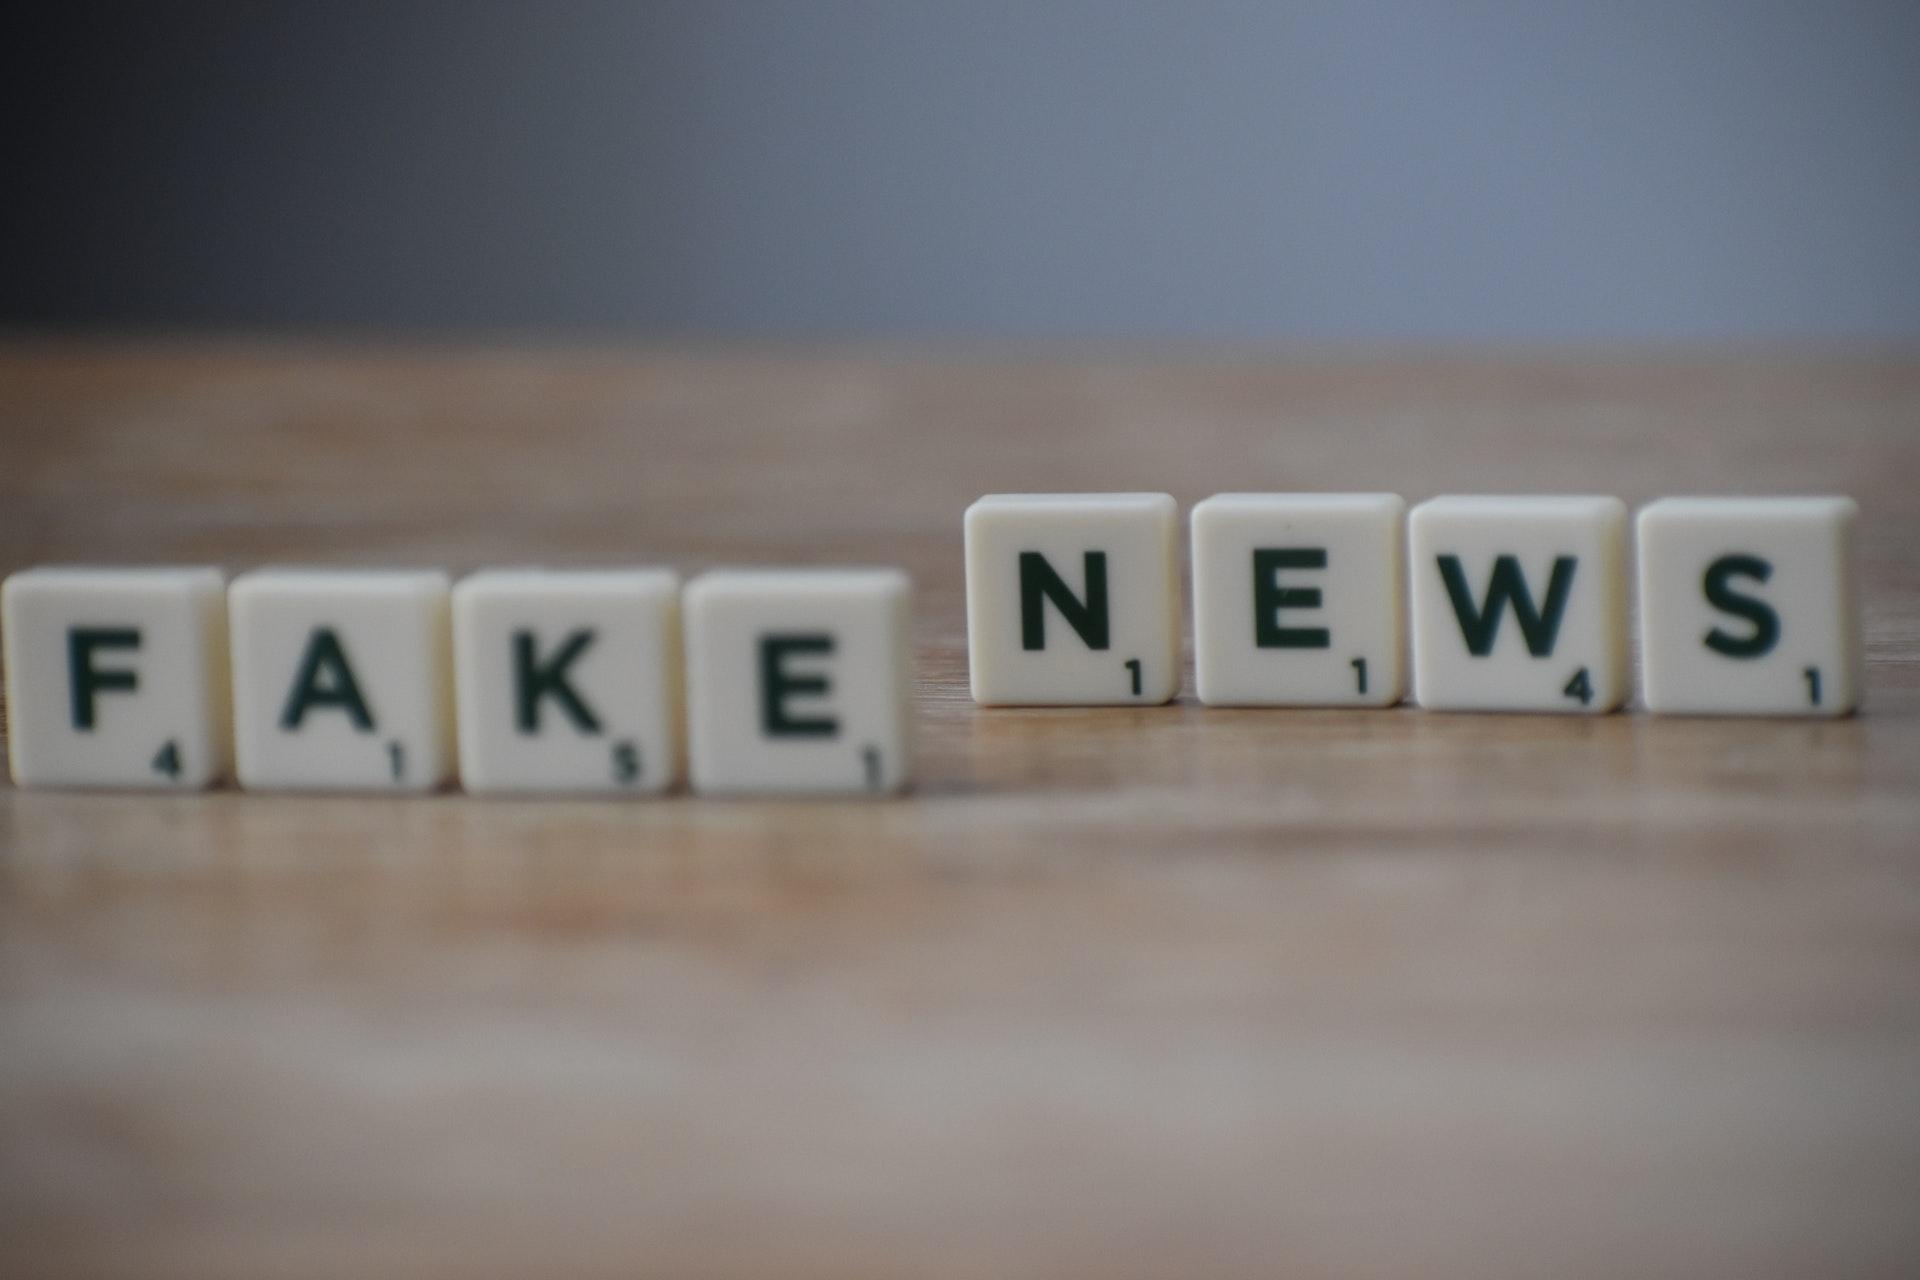 Fake newsy – dlaczego fałszywe informacje mogą być niebezpieczne?